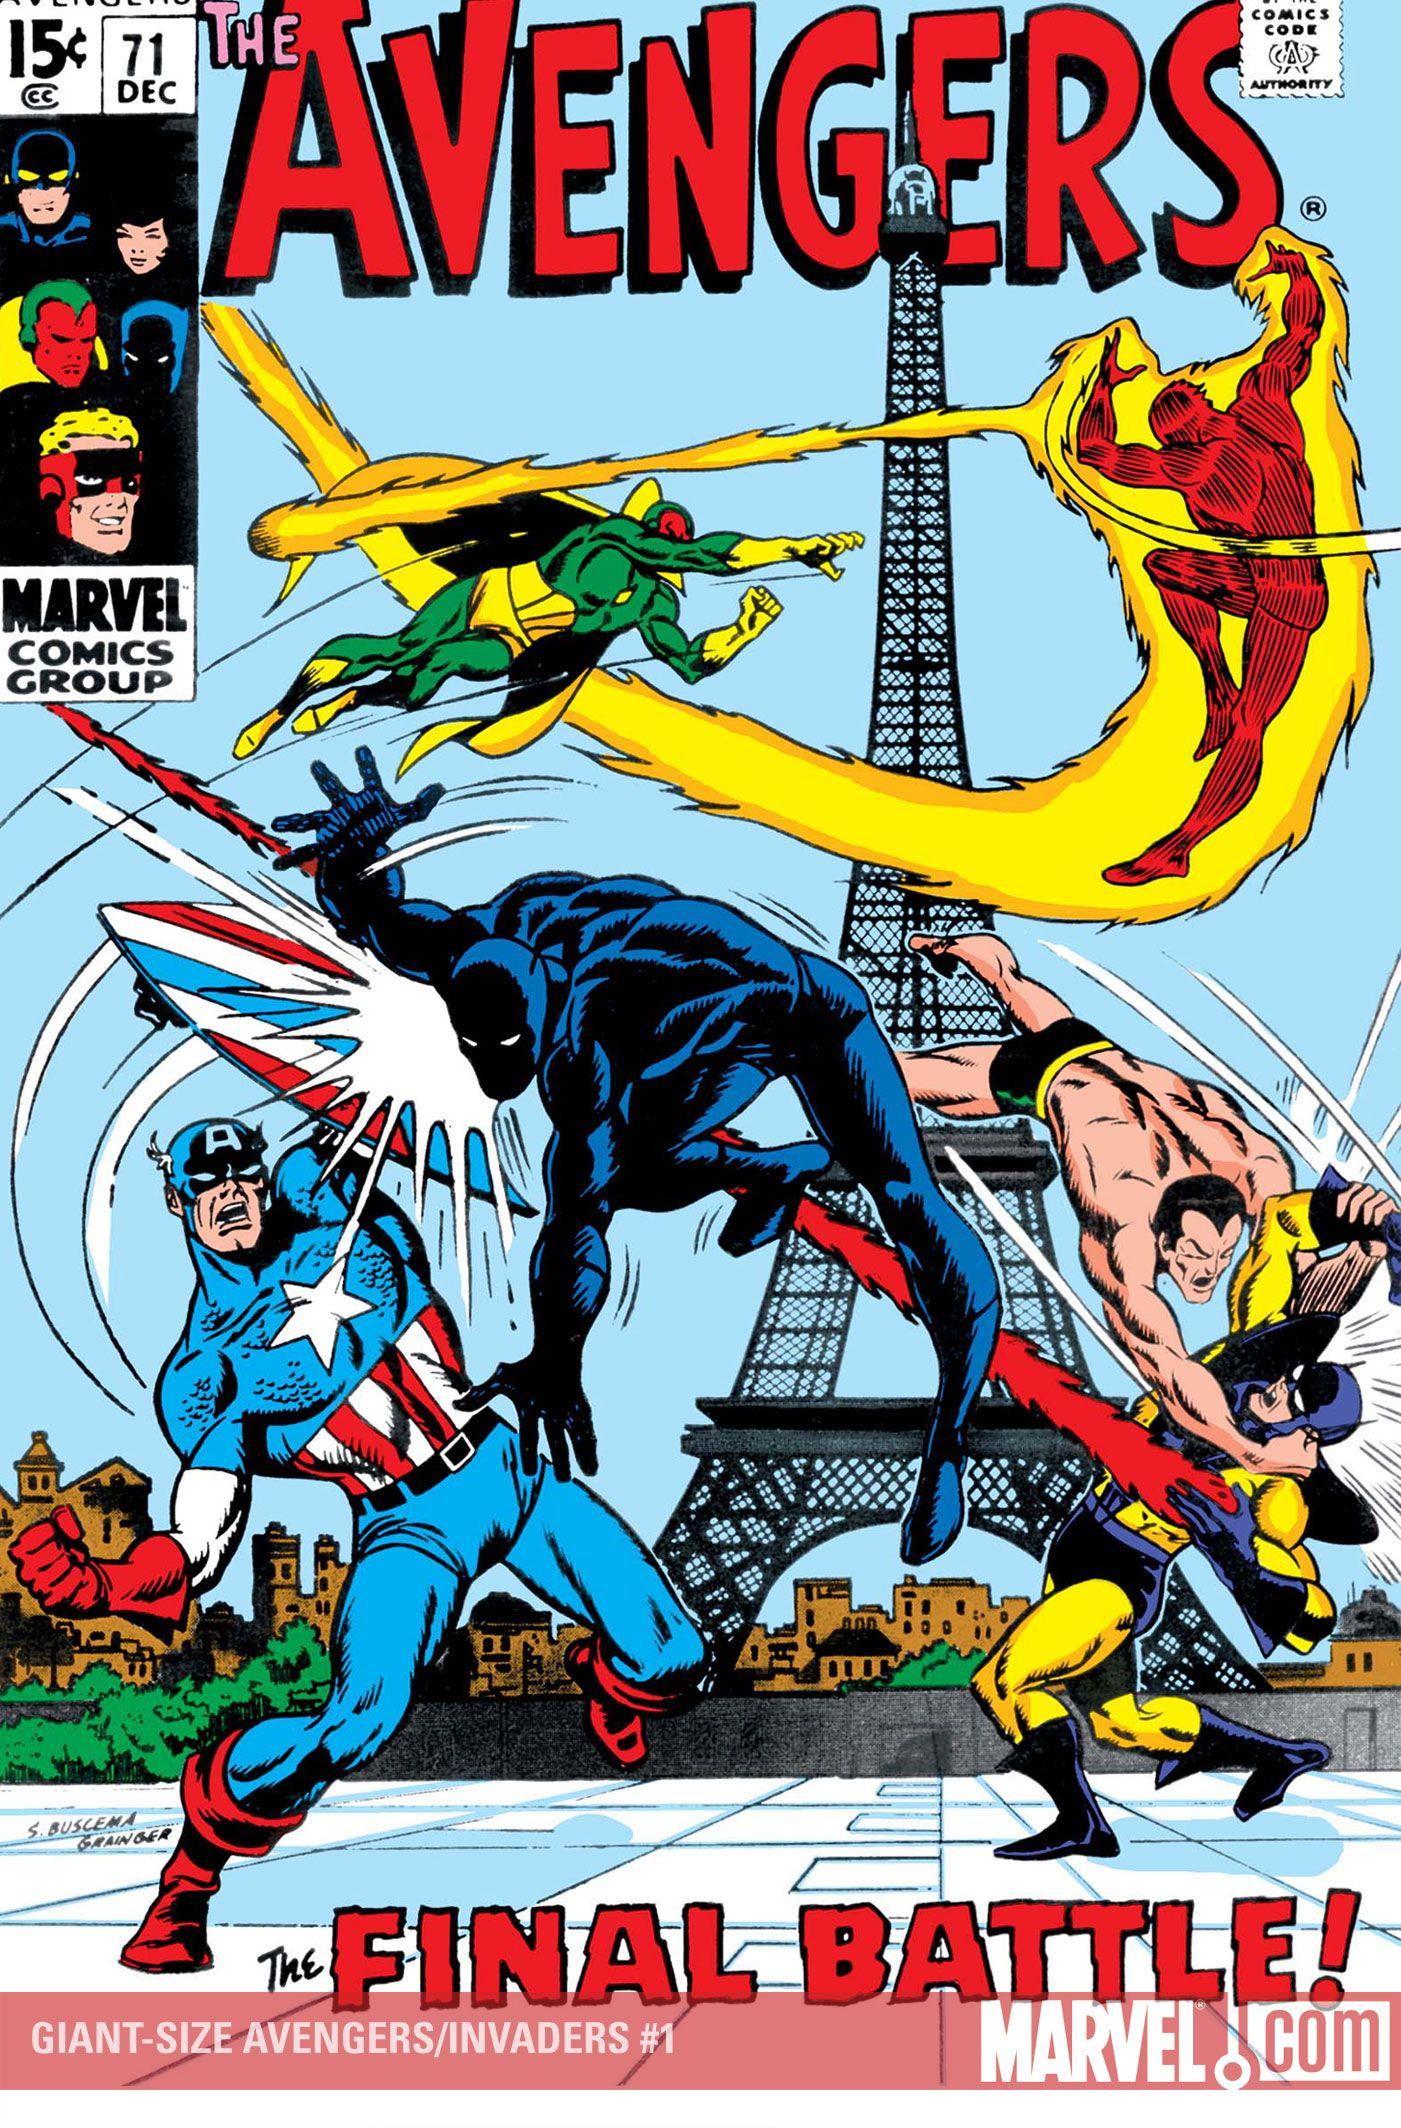 Avengers Vs Invaders 71